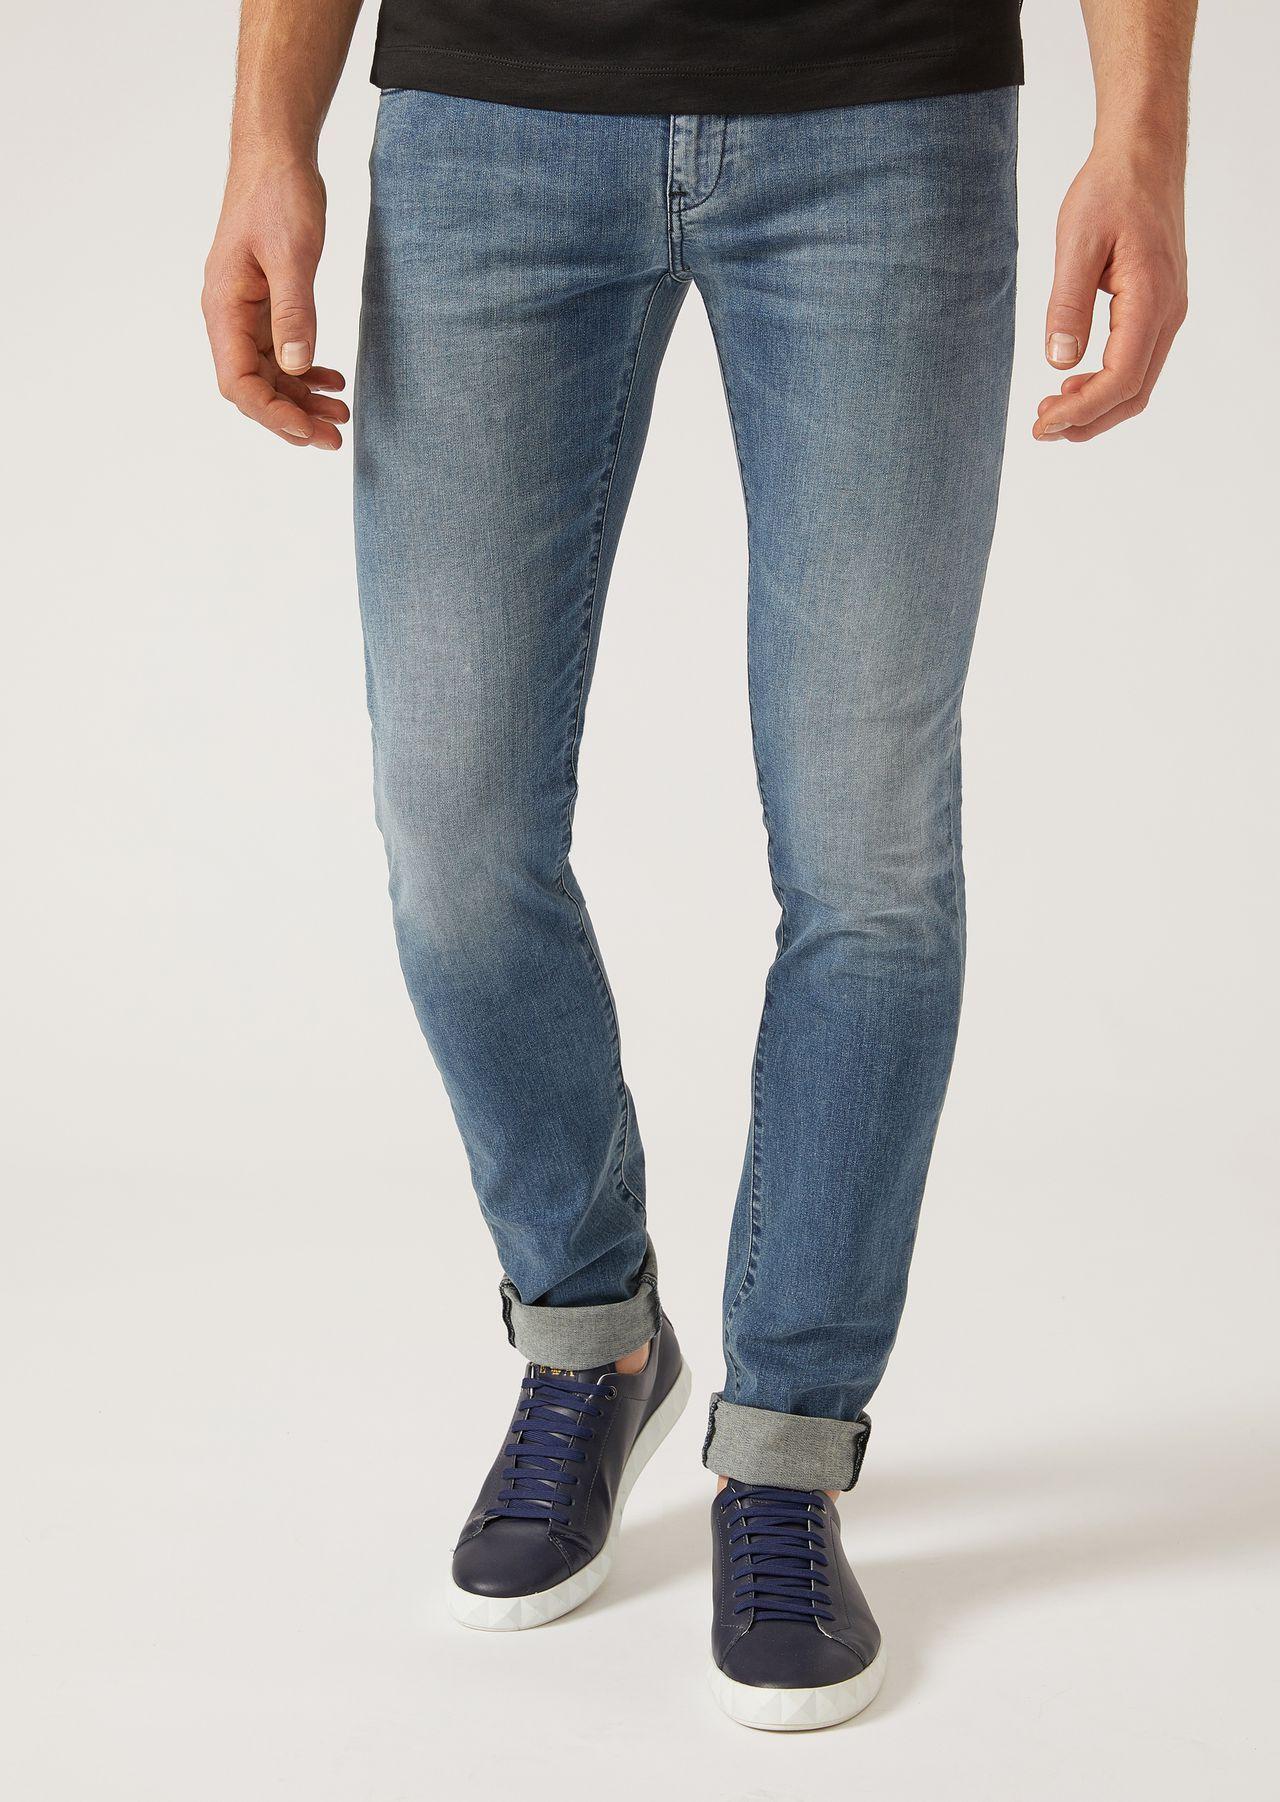 56fe7e64b8 J10 Extra-Slim-Fit Stretch Cotton Denim Jeans   Man   Emporio Armani ...